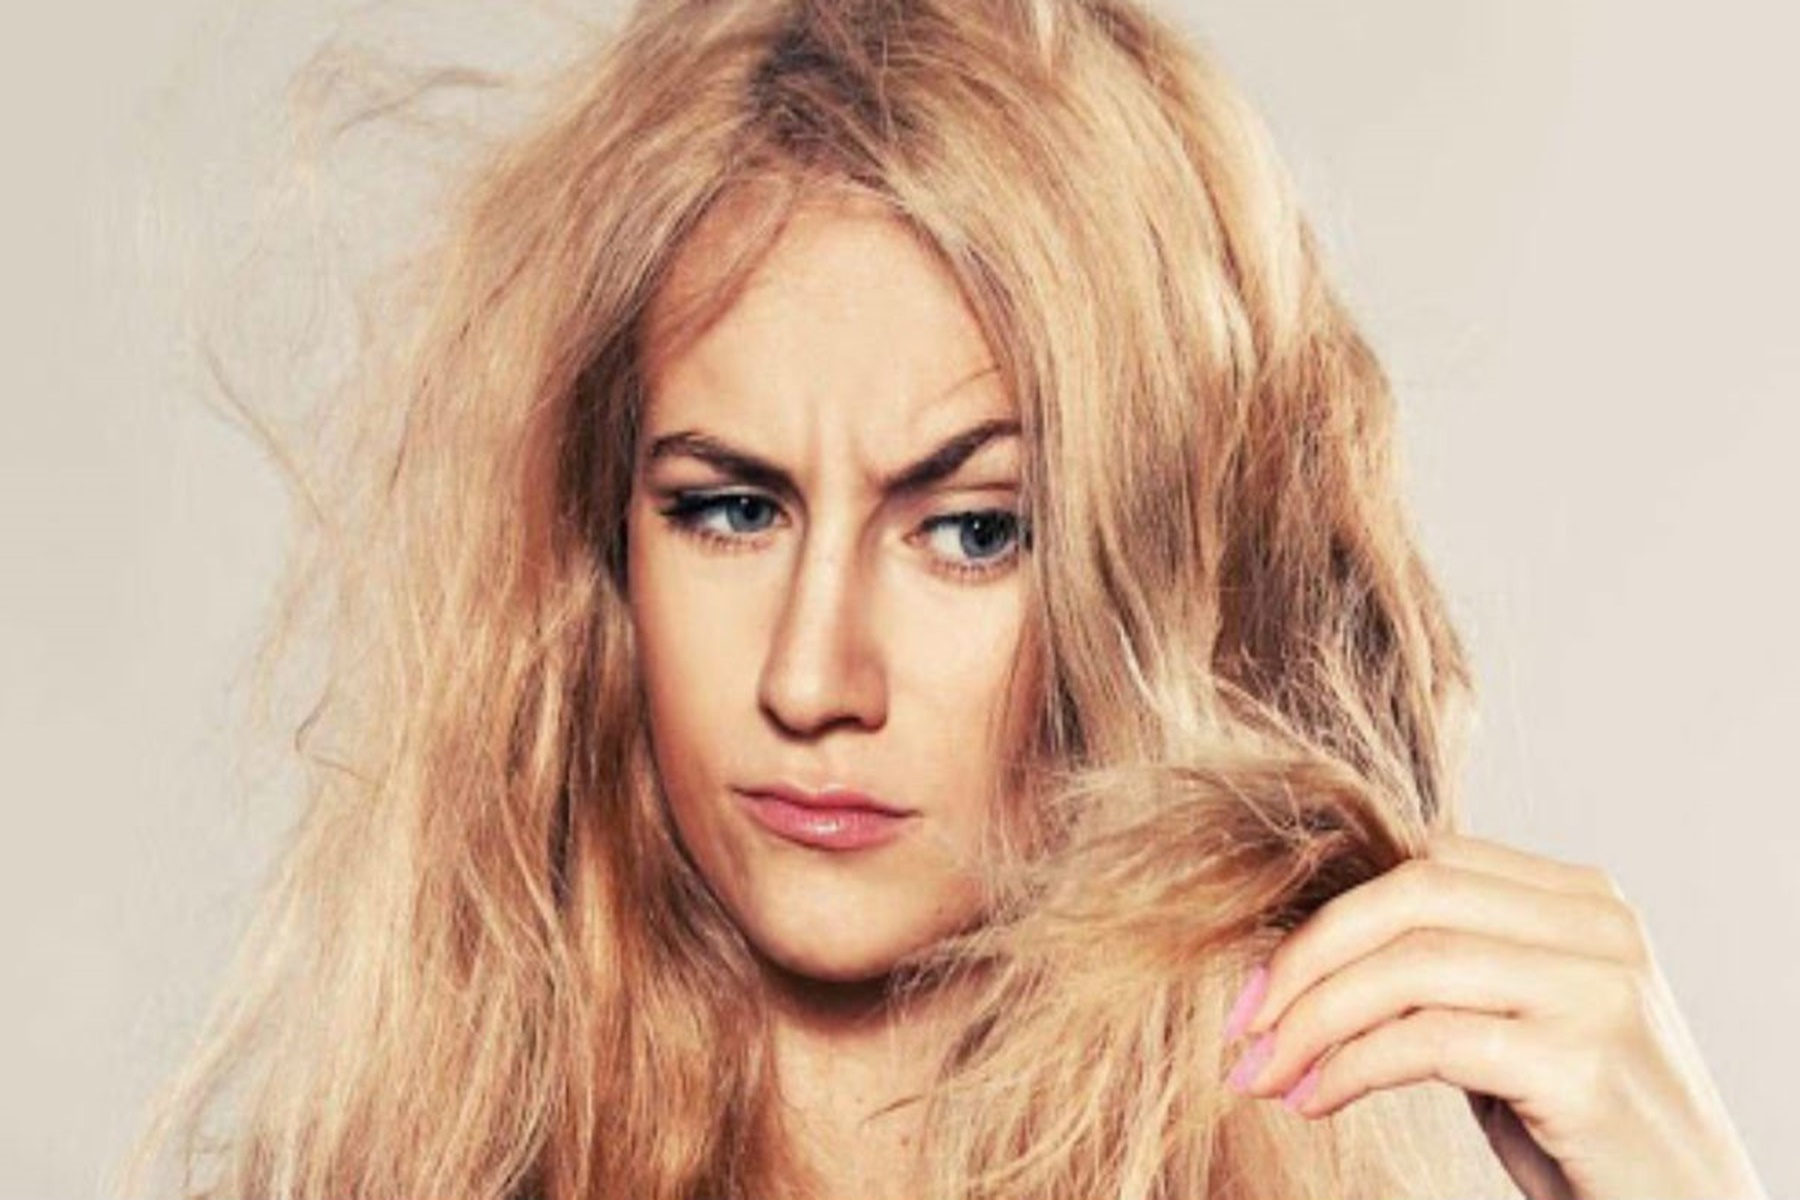 Κατεστραμμένα μαλλιά : Συμβουλές για να τα επιδιορθώσετε